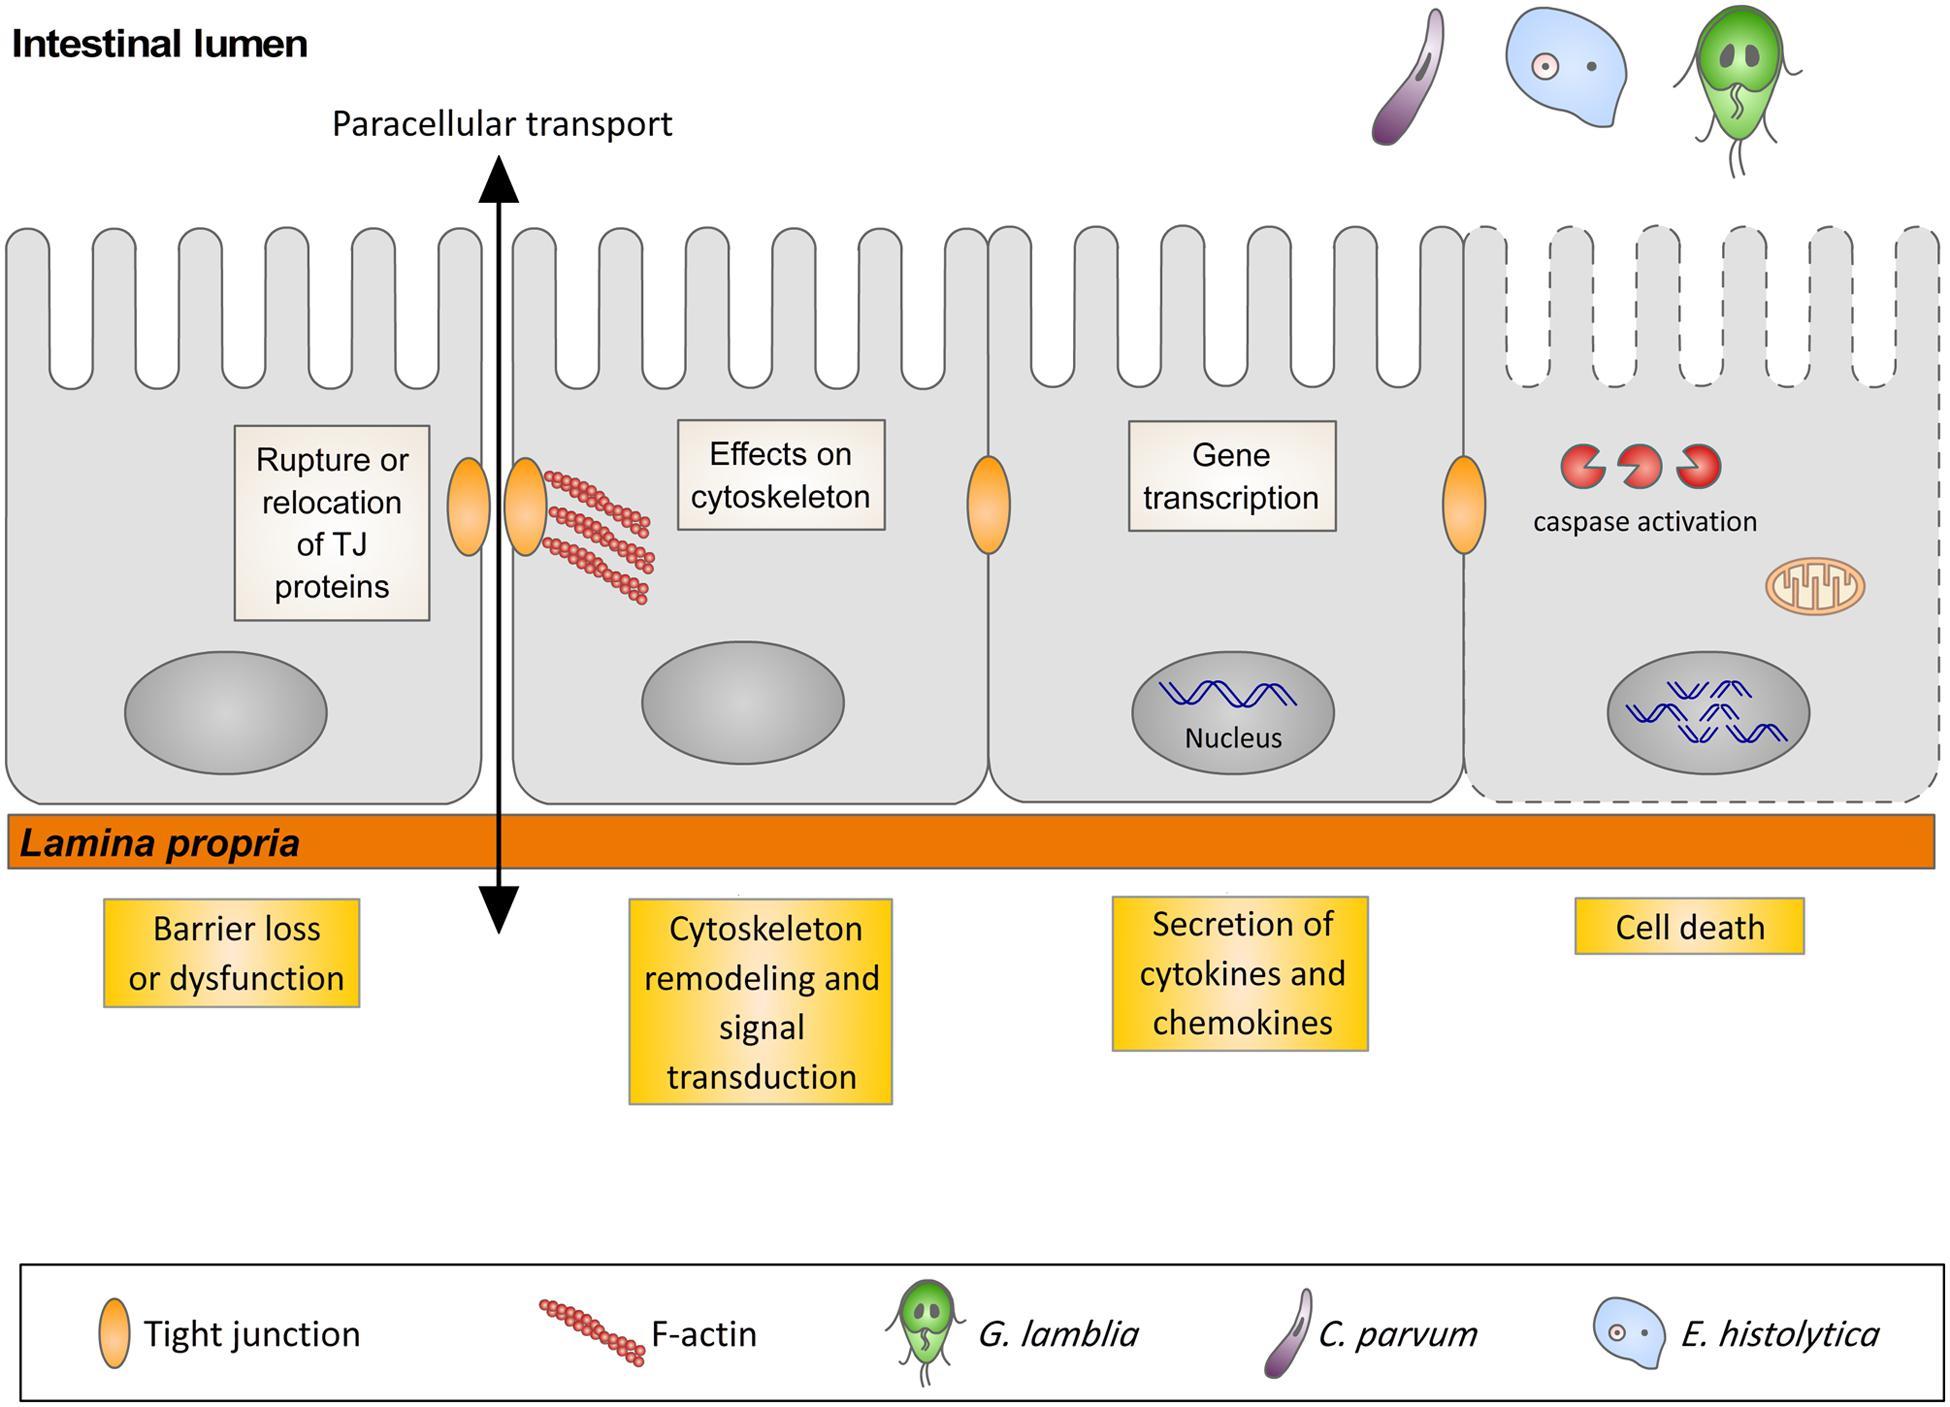 giardia duodenalis pathogenesis paraziták, hogyan lehet megszabadulni tőlük a fenyő